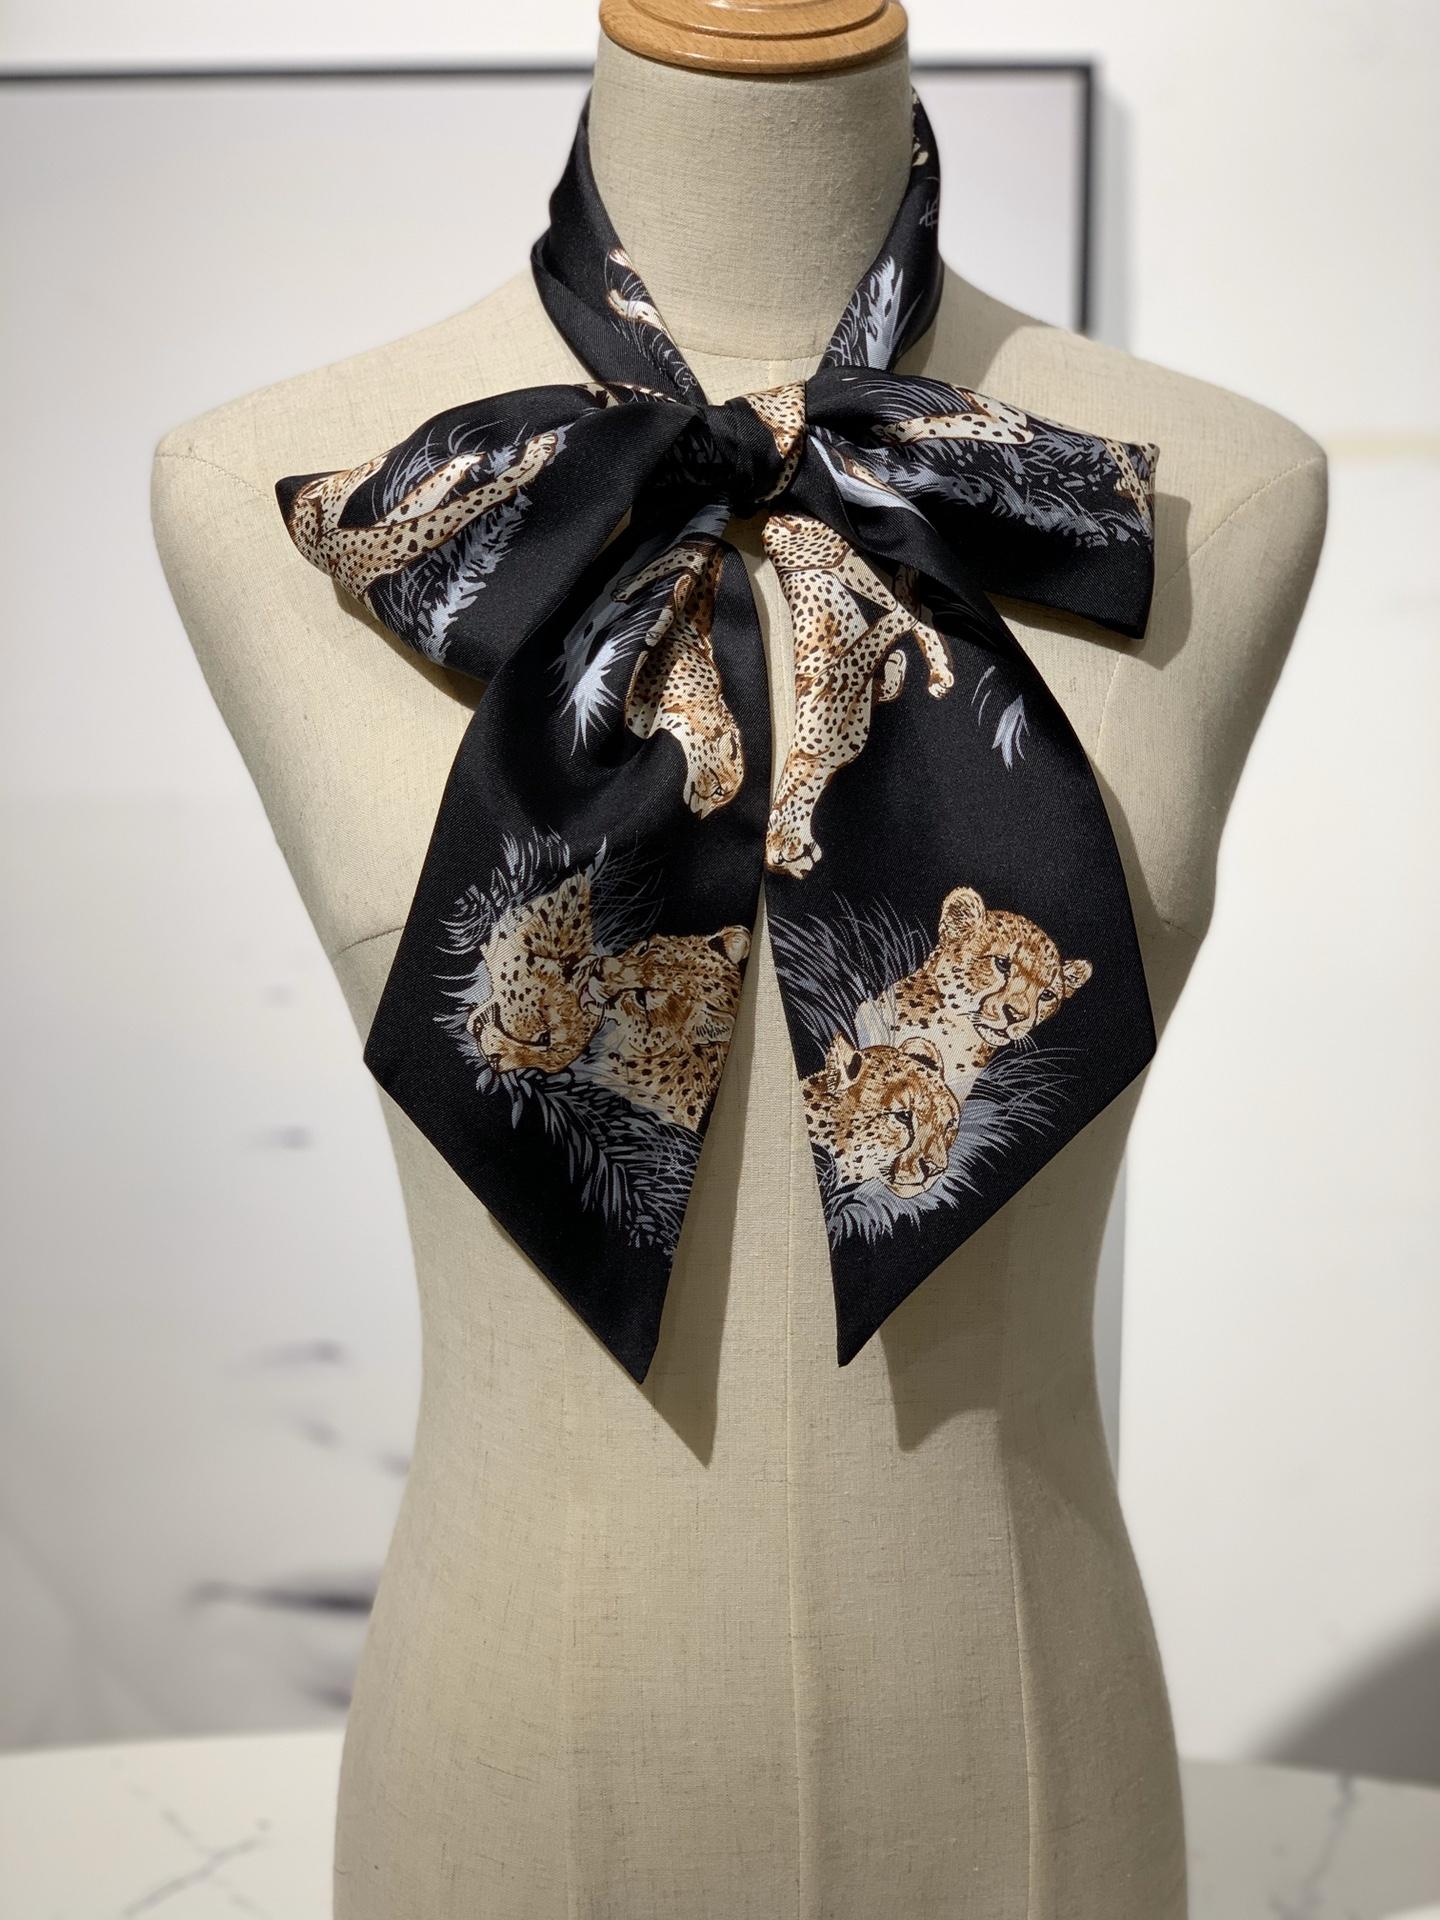 新款 《猎豹》Maxi twitty 黑色 专柜新尺寸 超级百搭实用 10*180cm 100%斜纹真丝